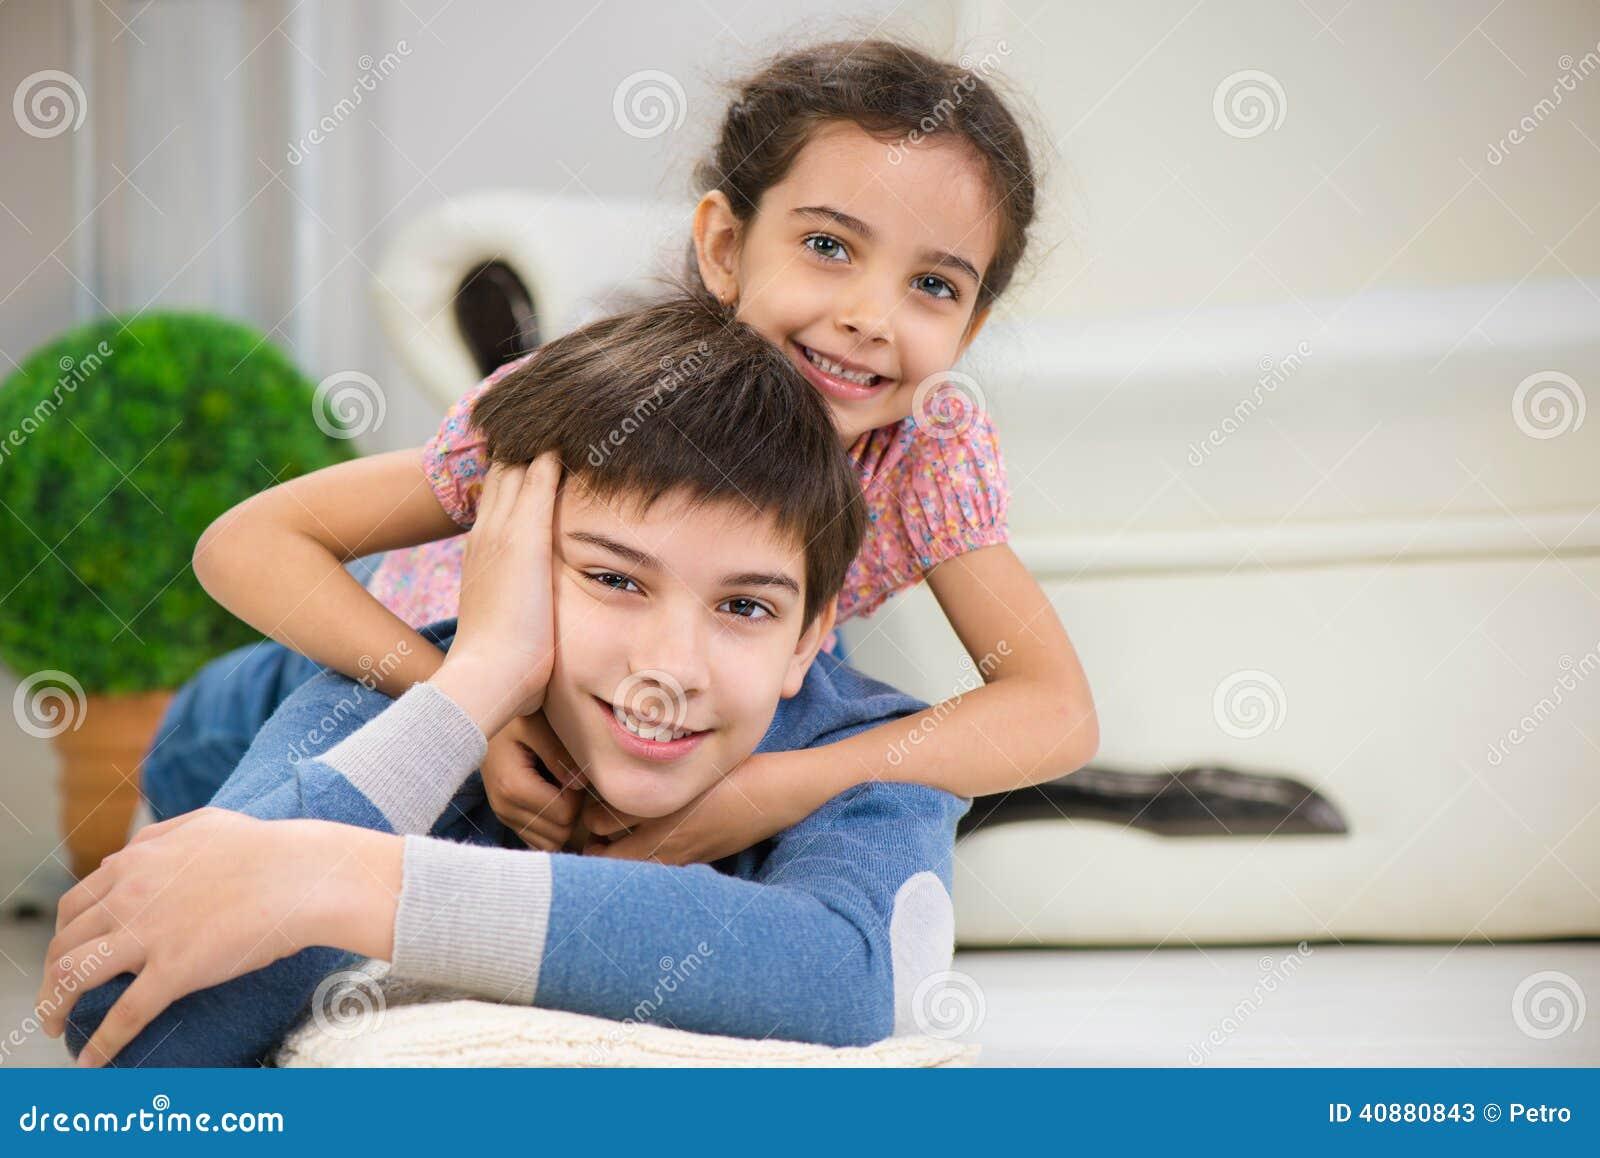 Русское порно как брат трахнул молодую сестру, Инцест. Брат и сестра. Мать и сын. И так далее Форум 17 фотография